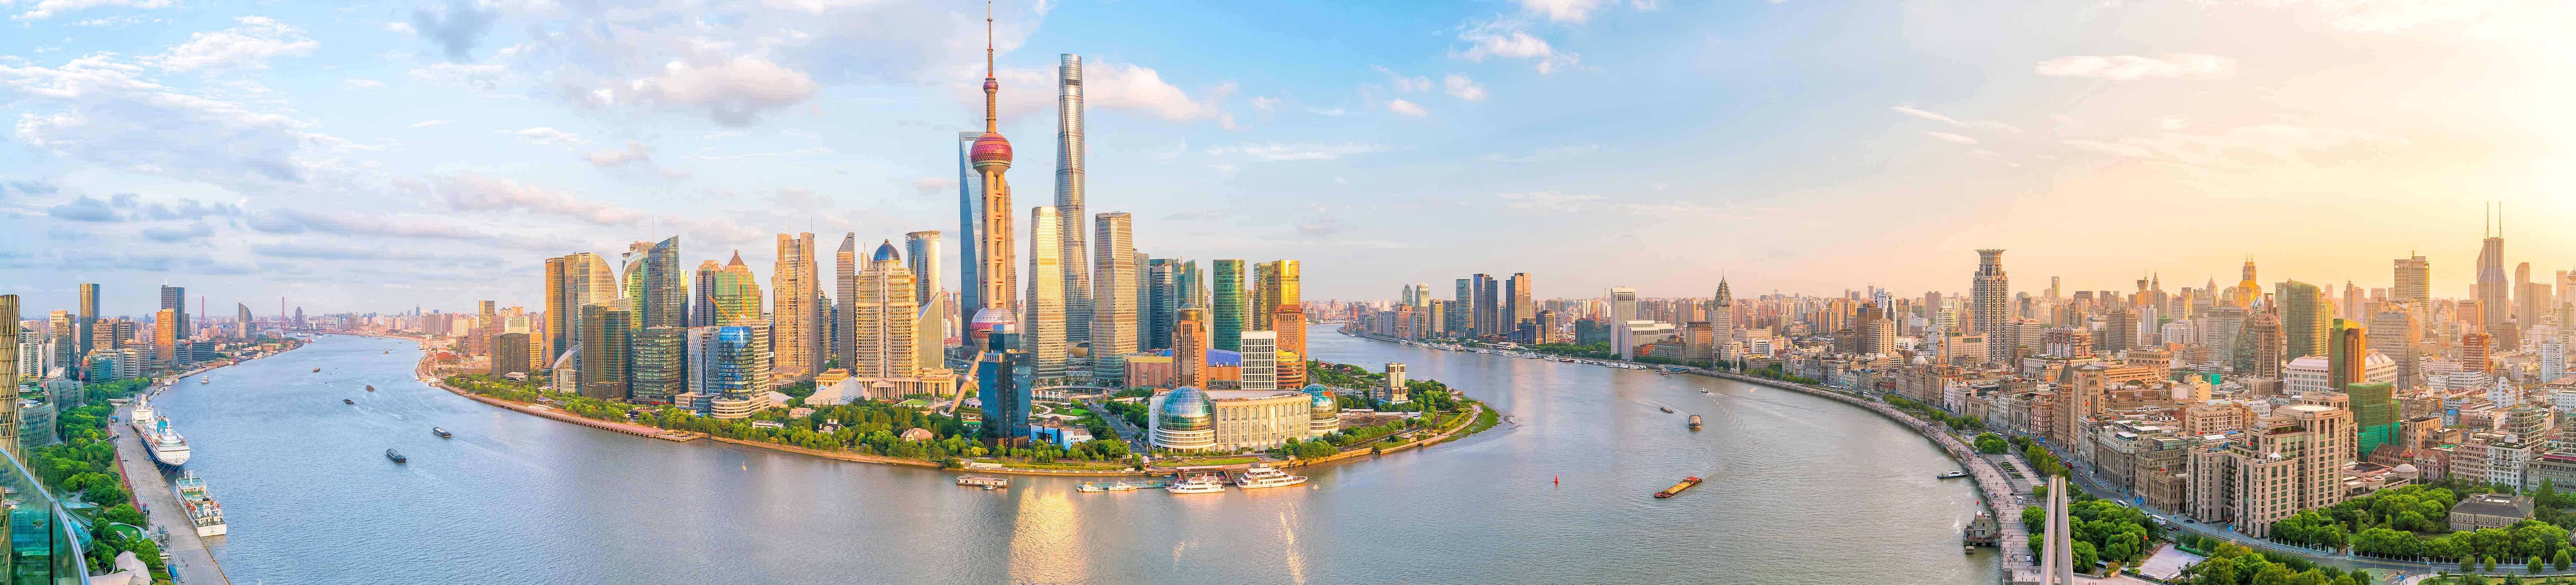 Circuit pour un voyage en Chine